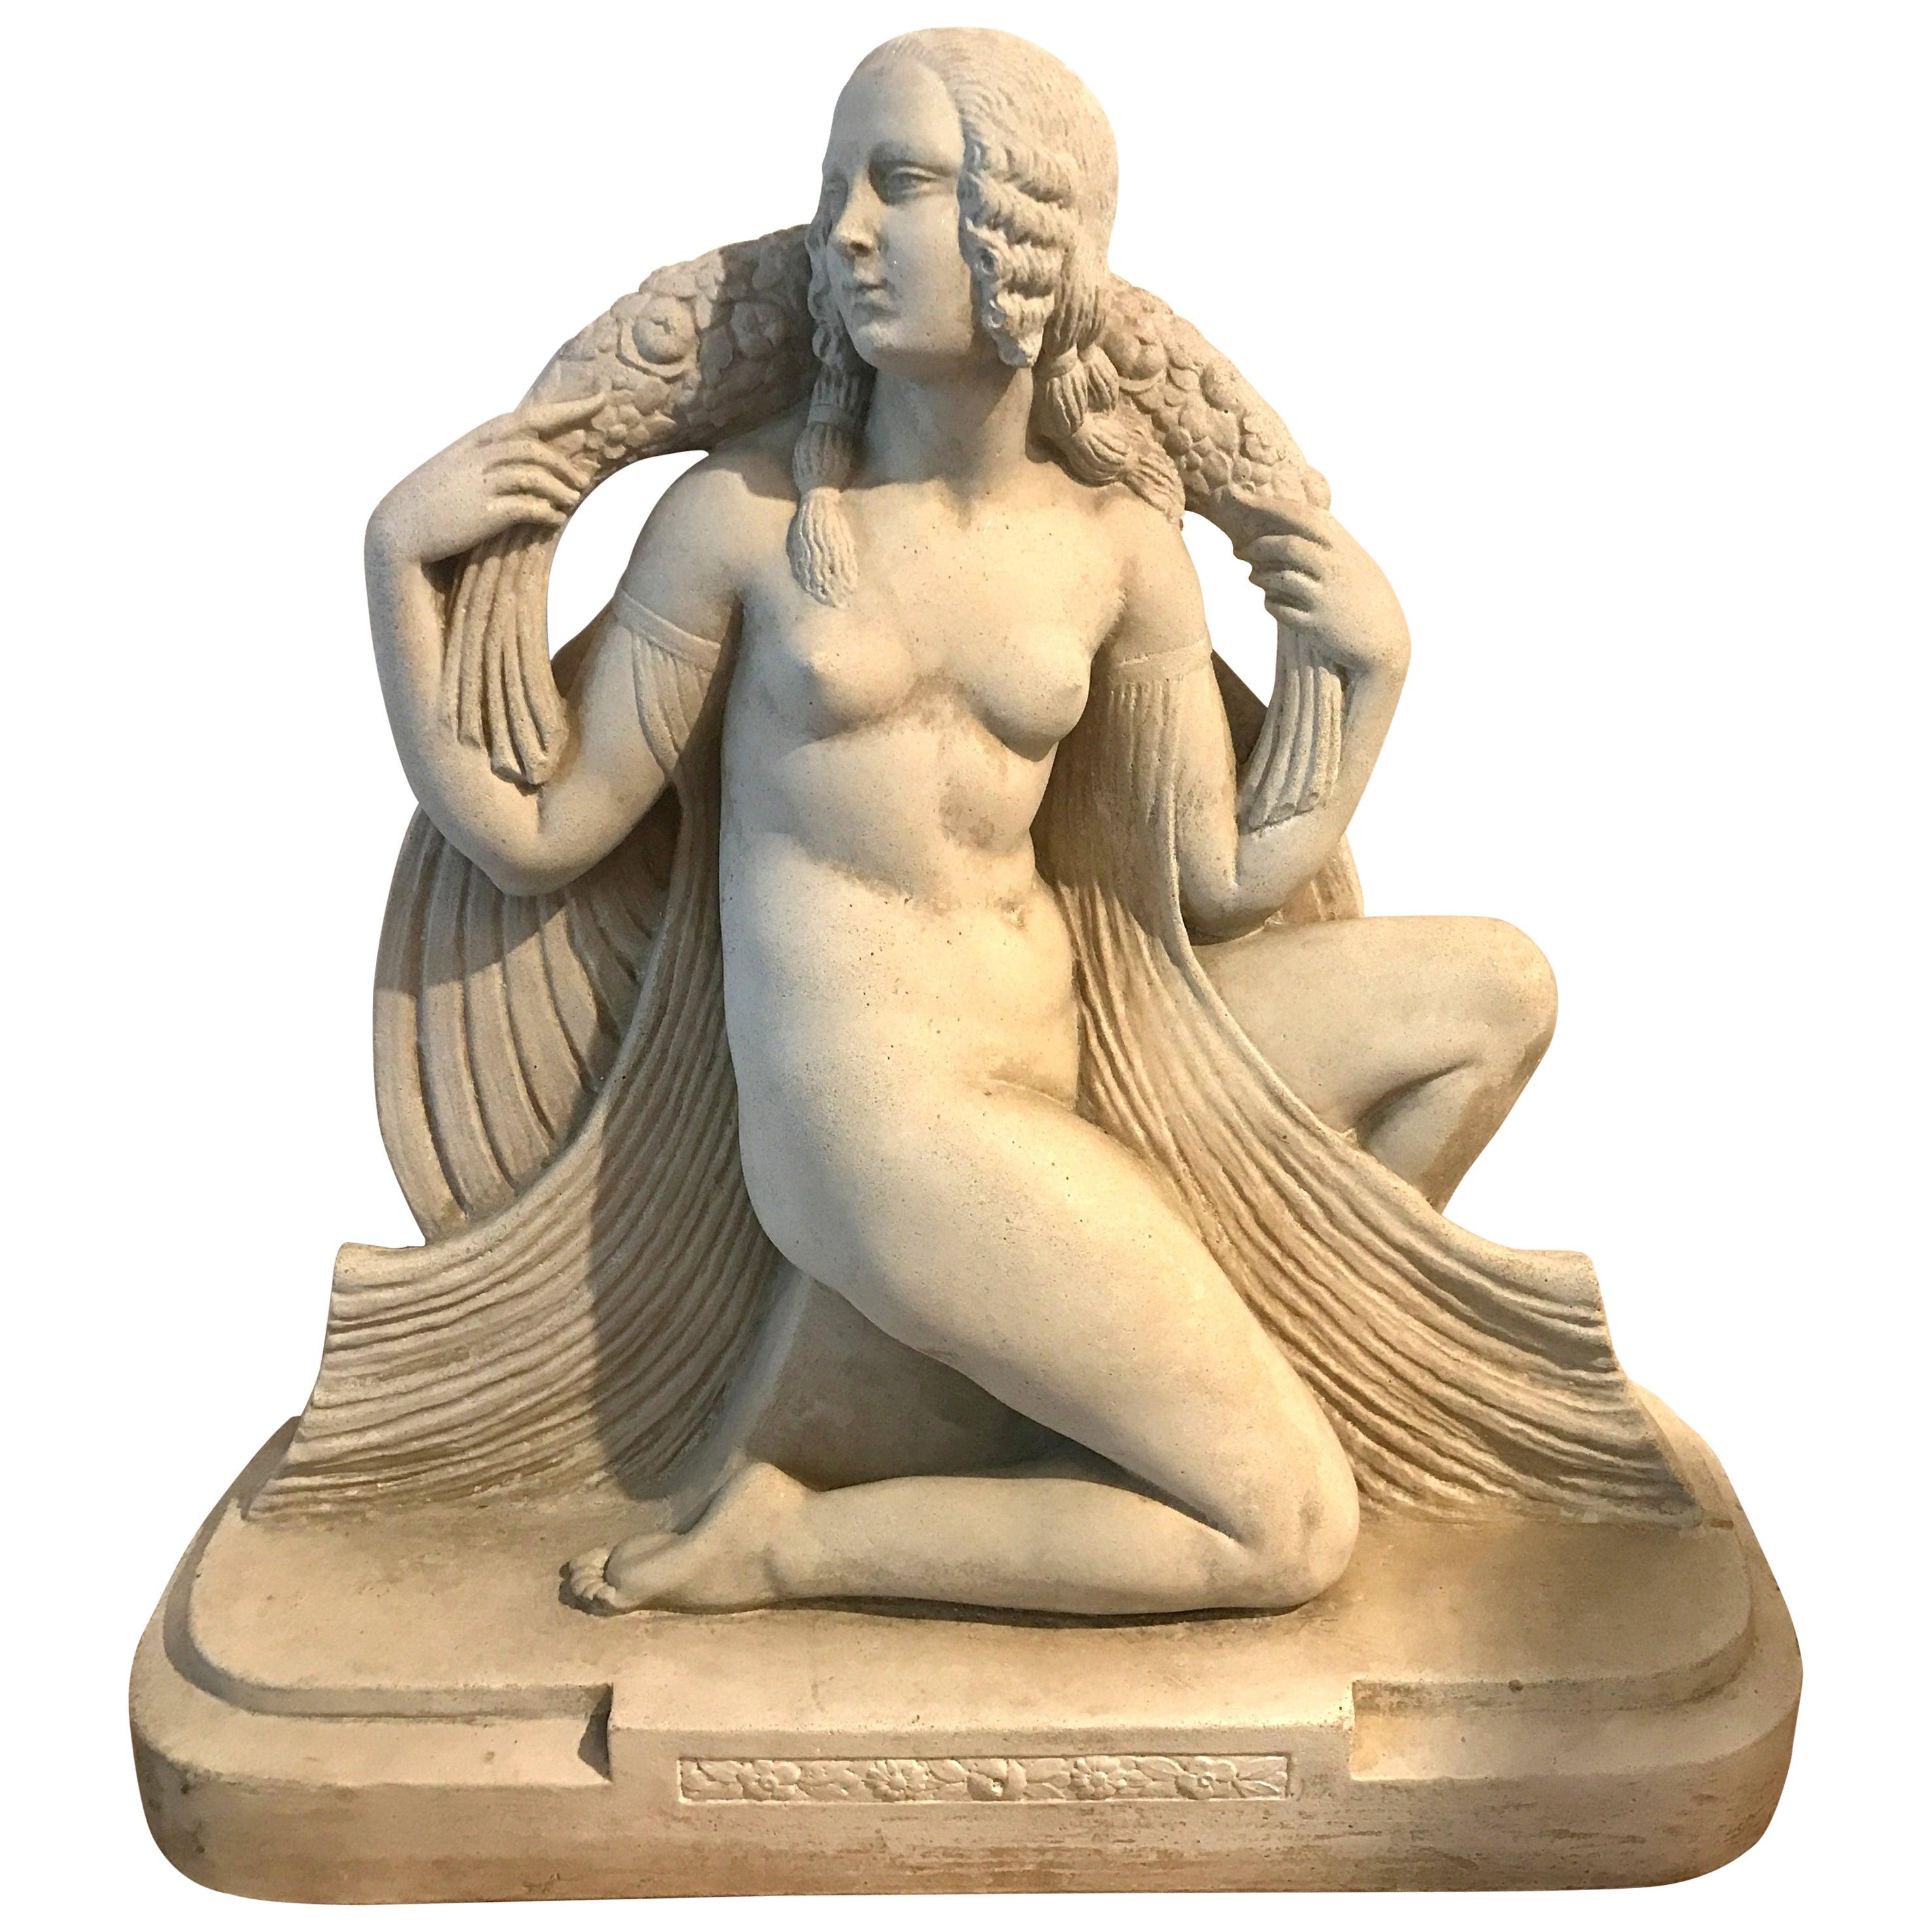 Rare Joe Descomps Art Deco Nude Sculpture